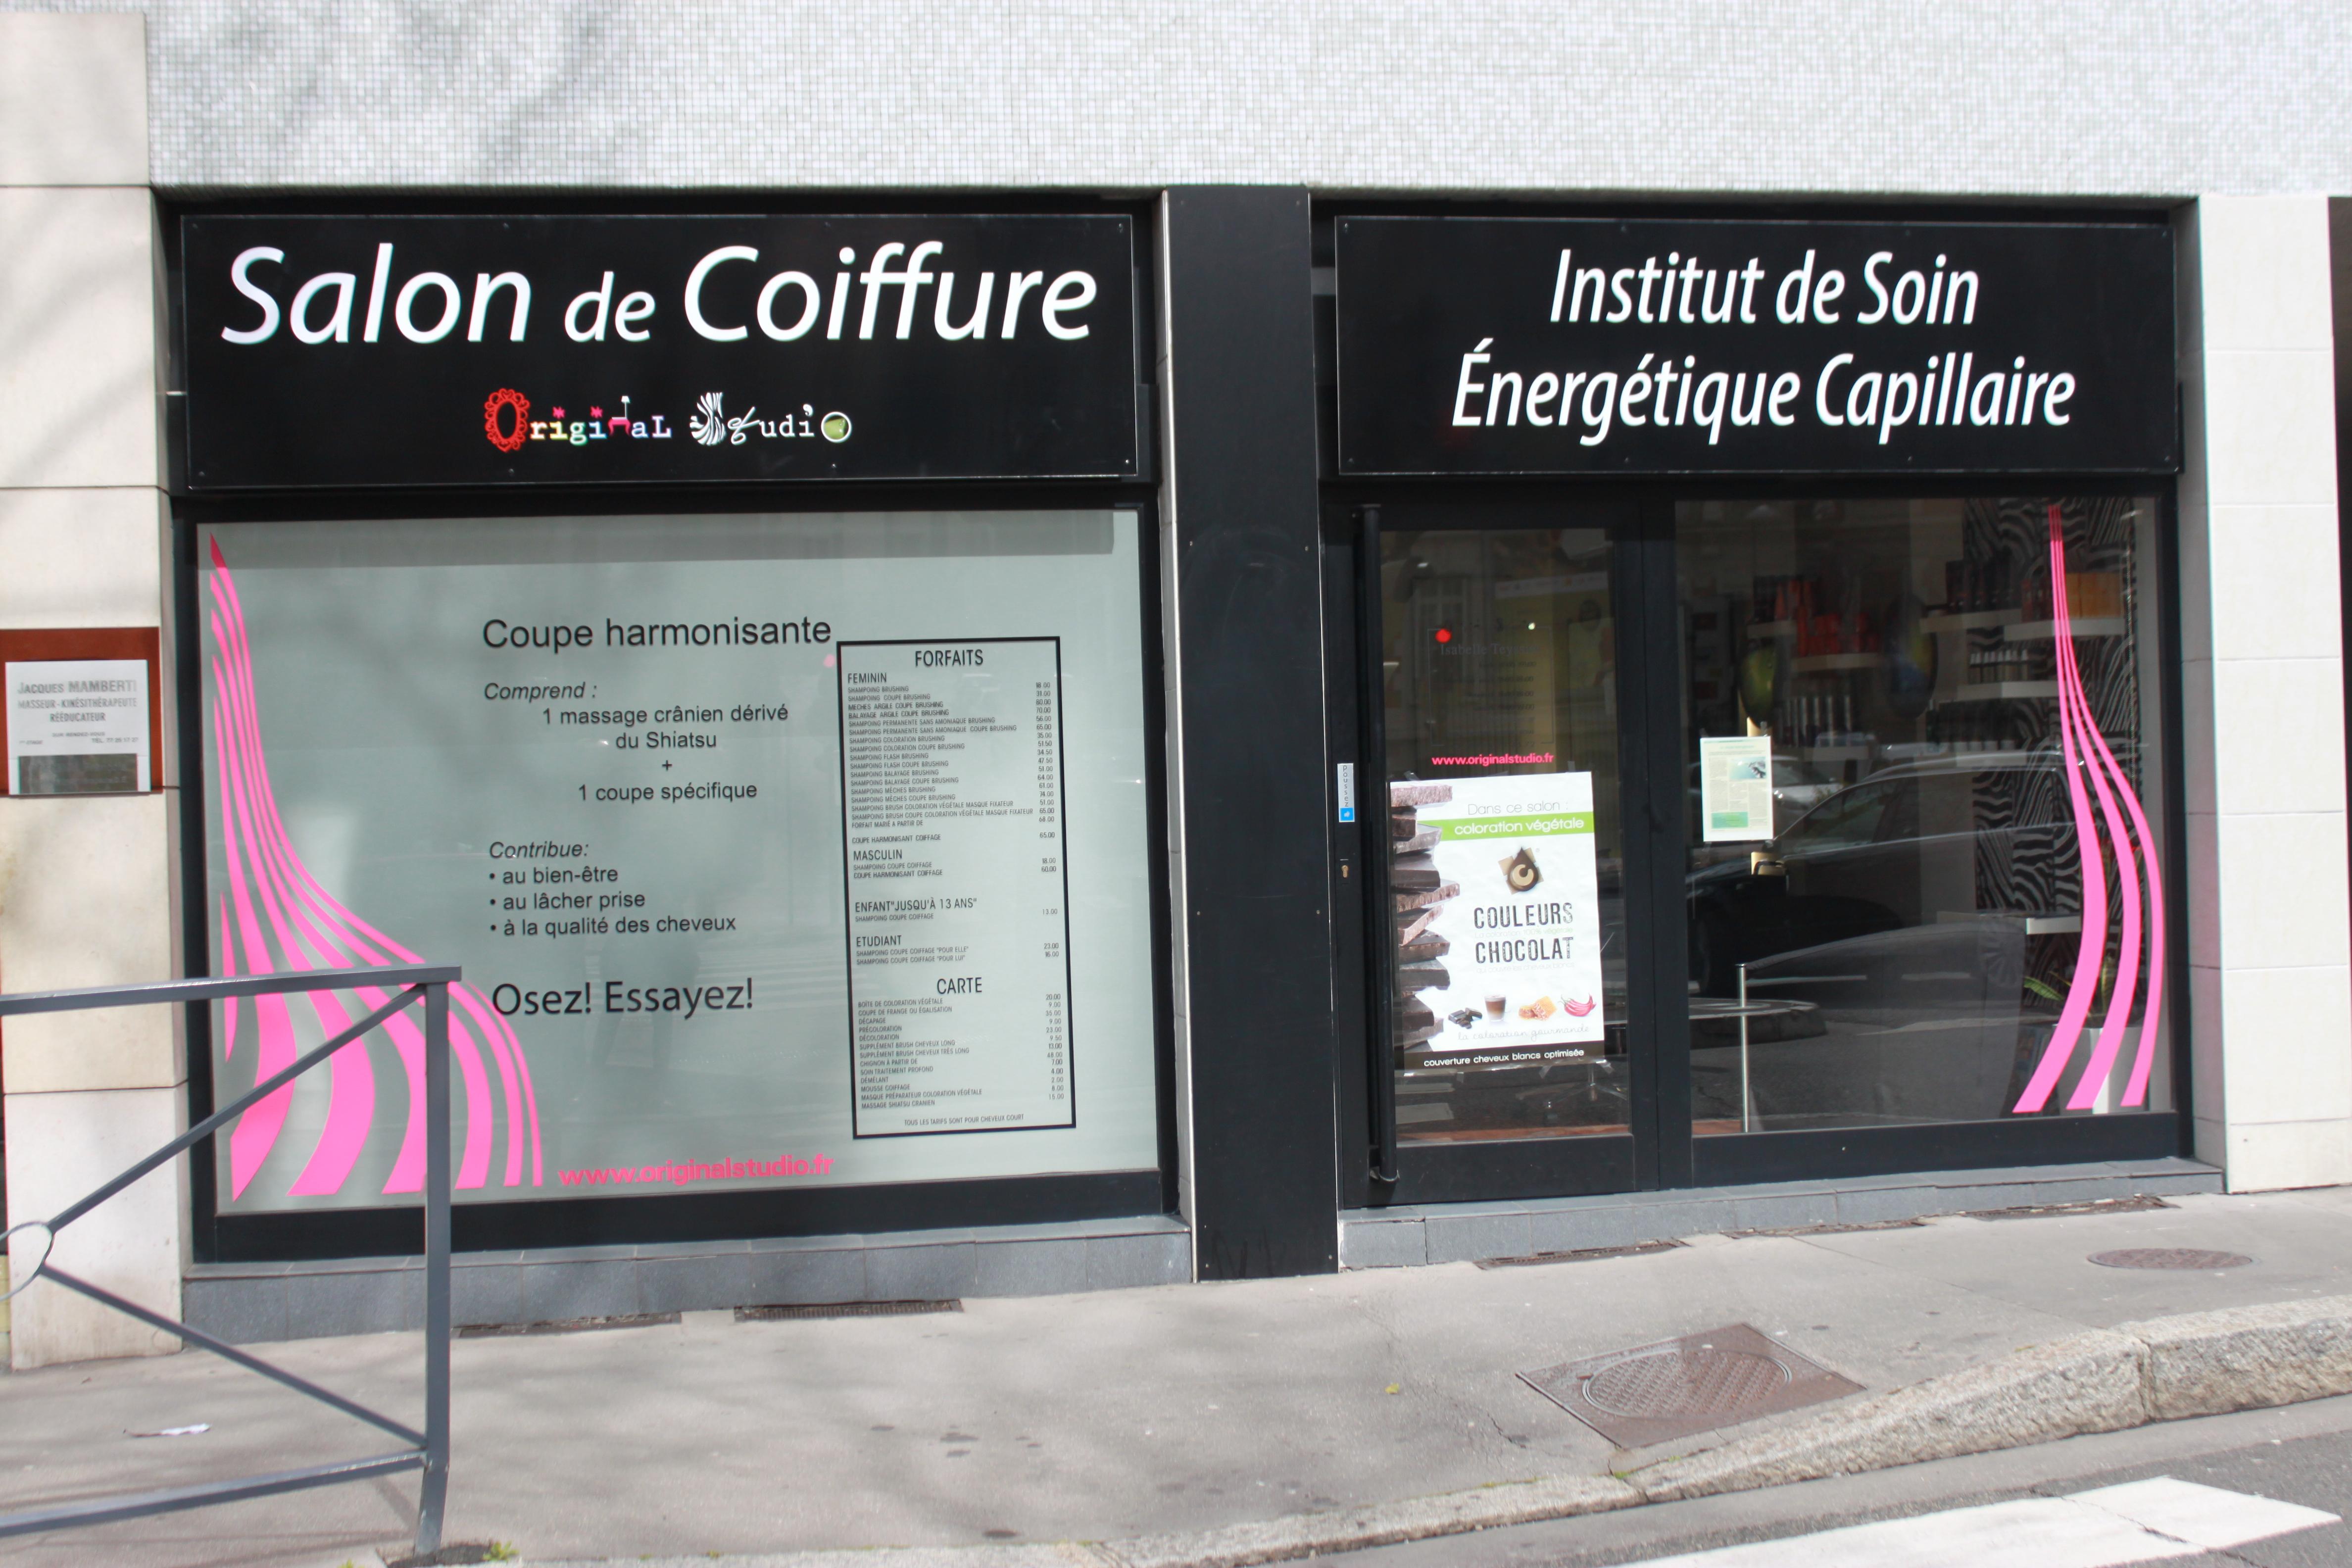 Original Studio Saint-Etienne